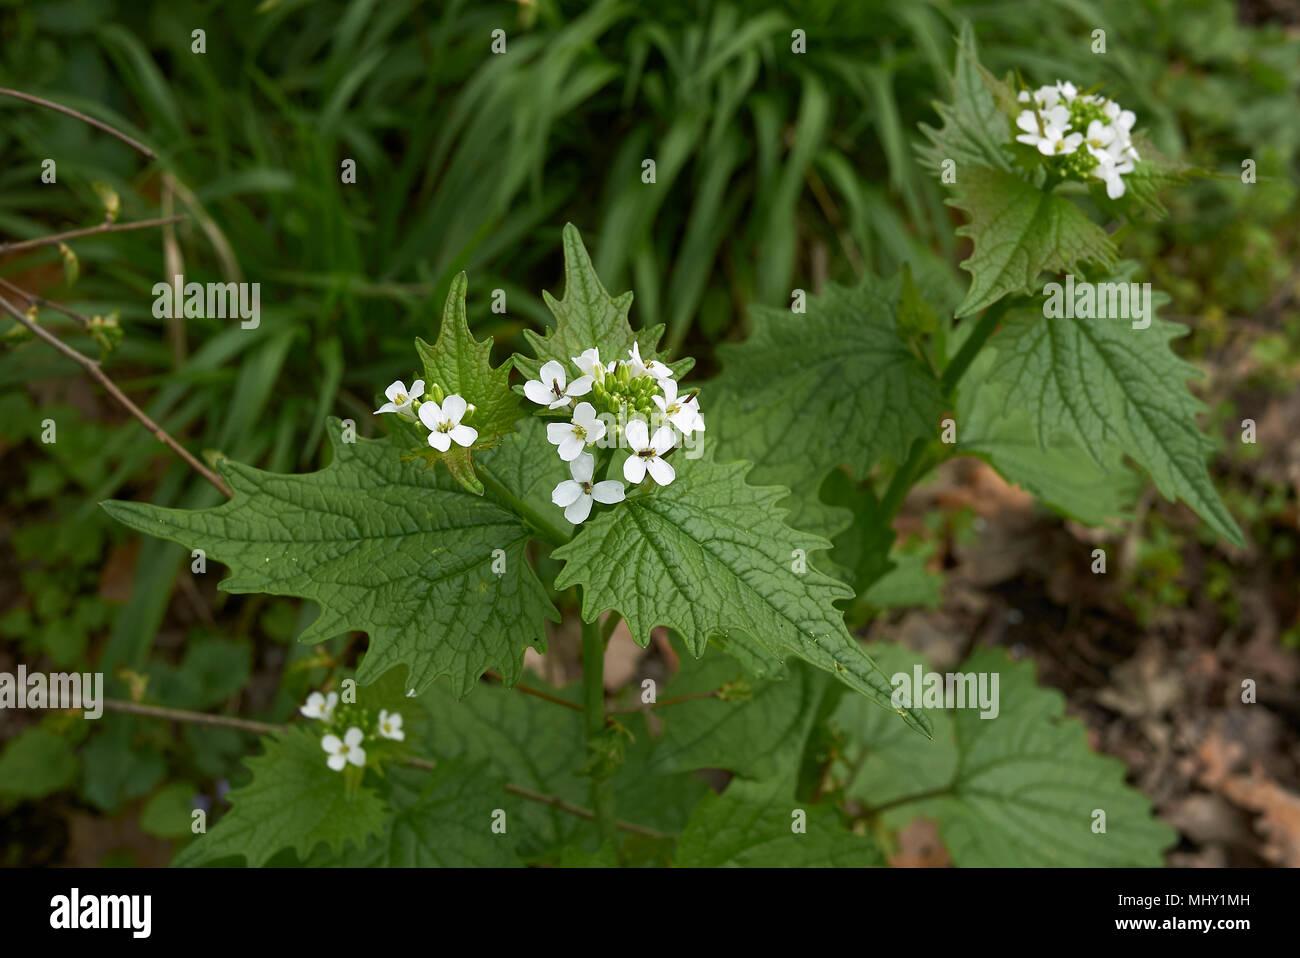 Alliaria petiolata Stock Photo